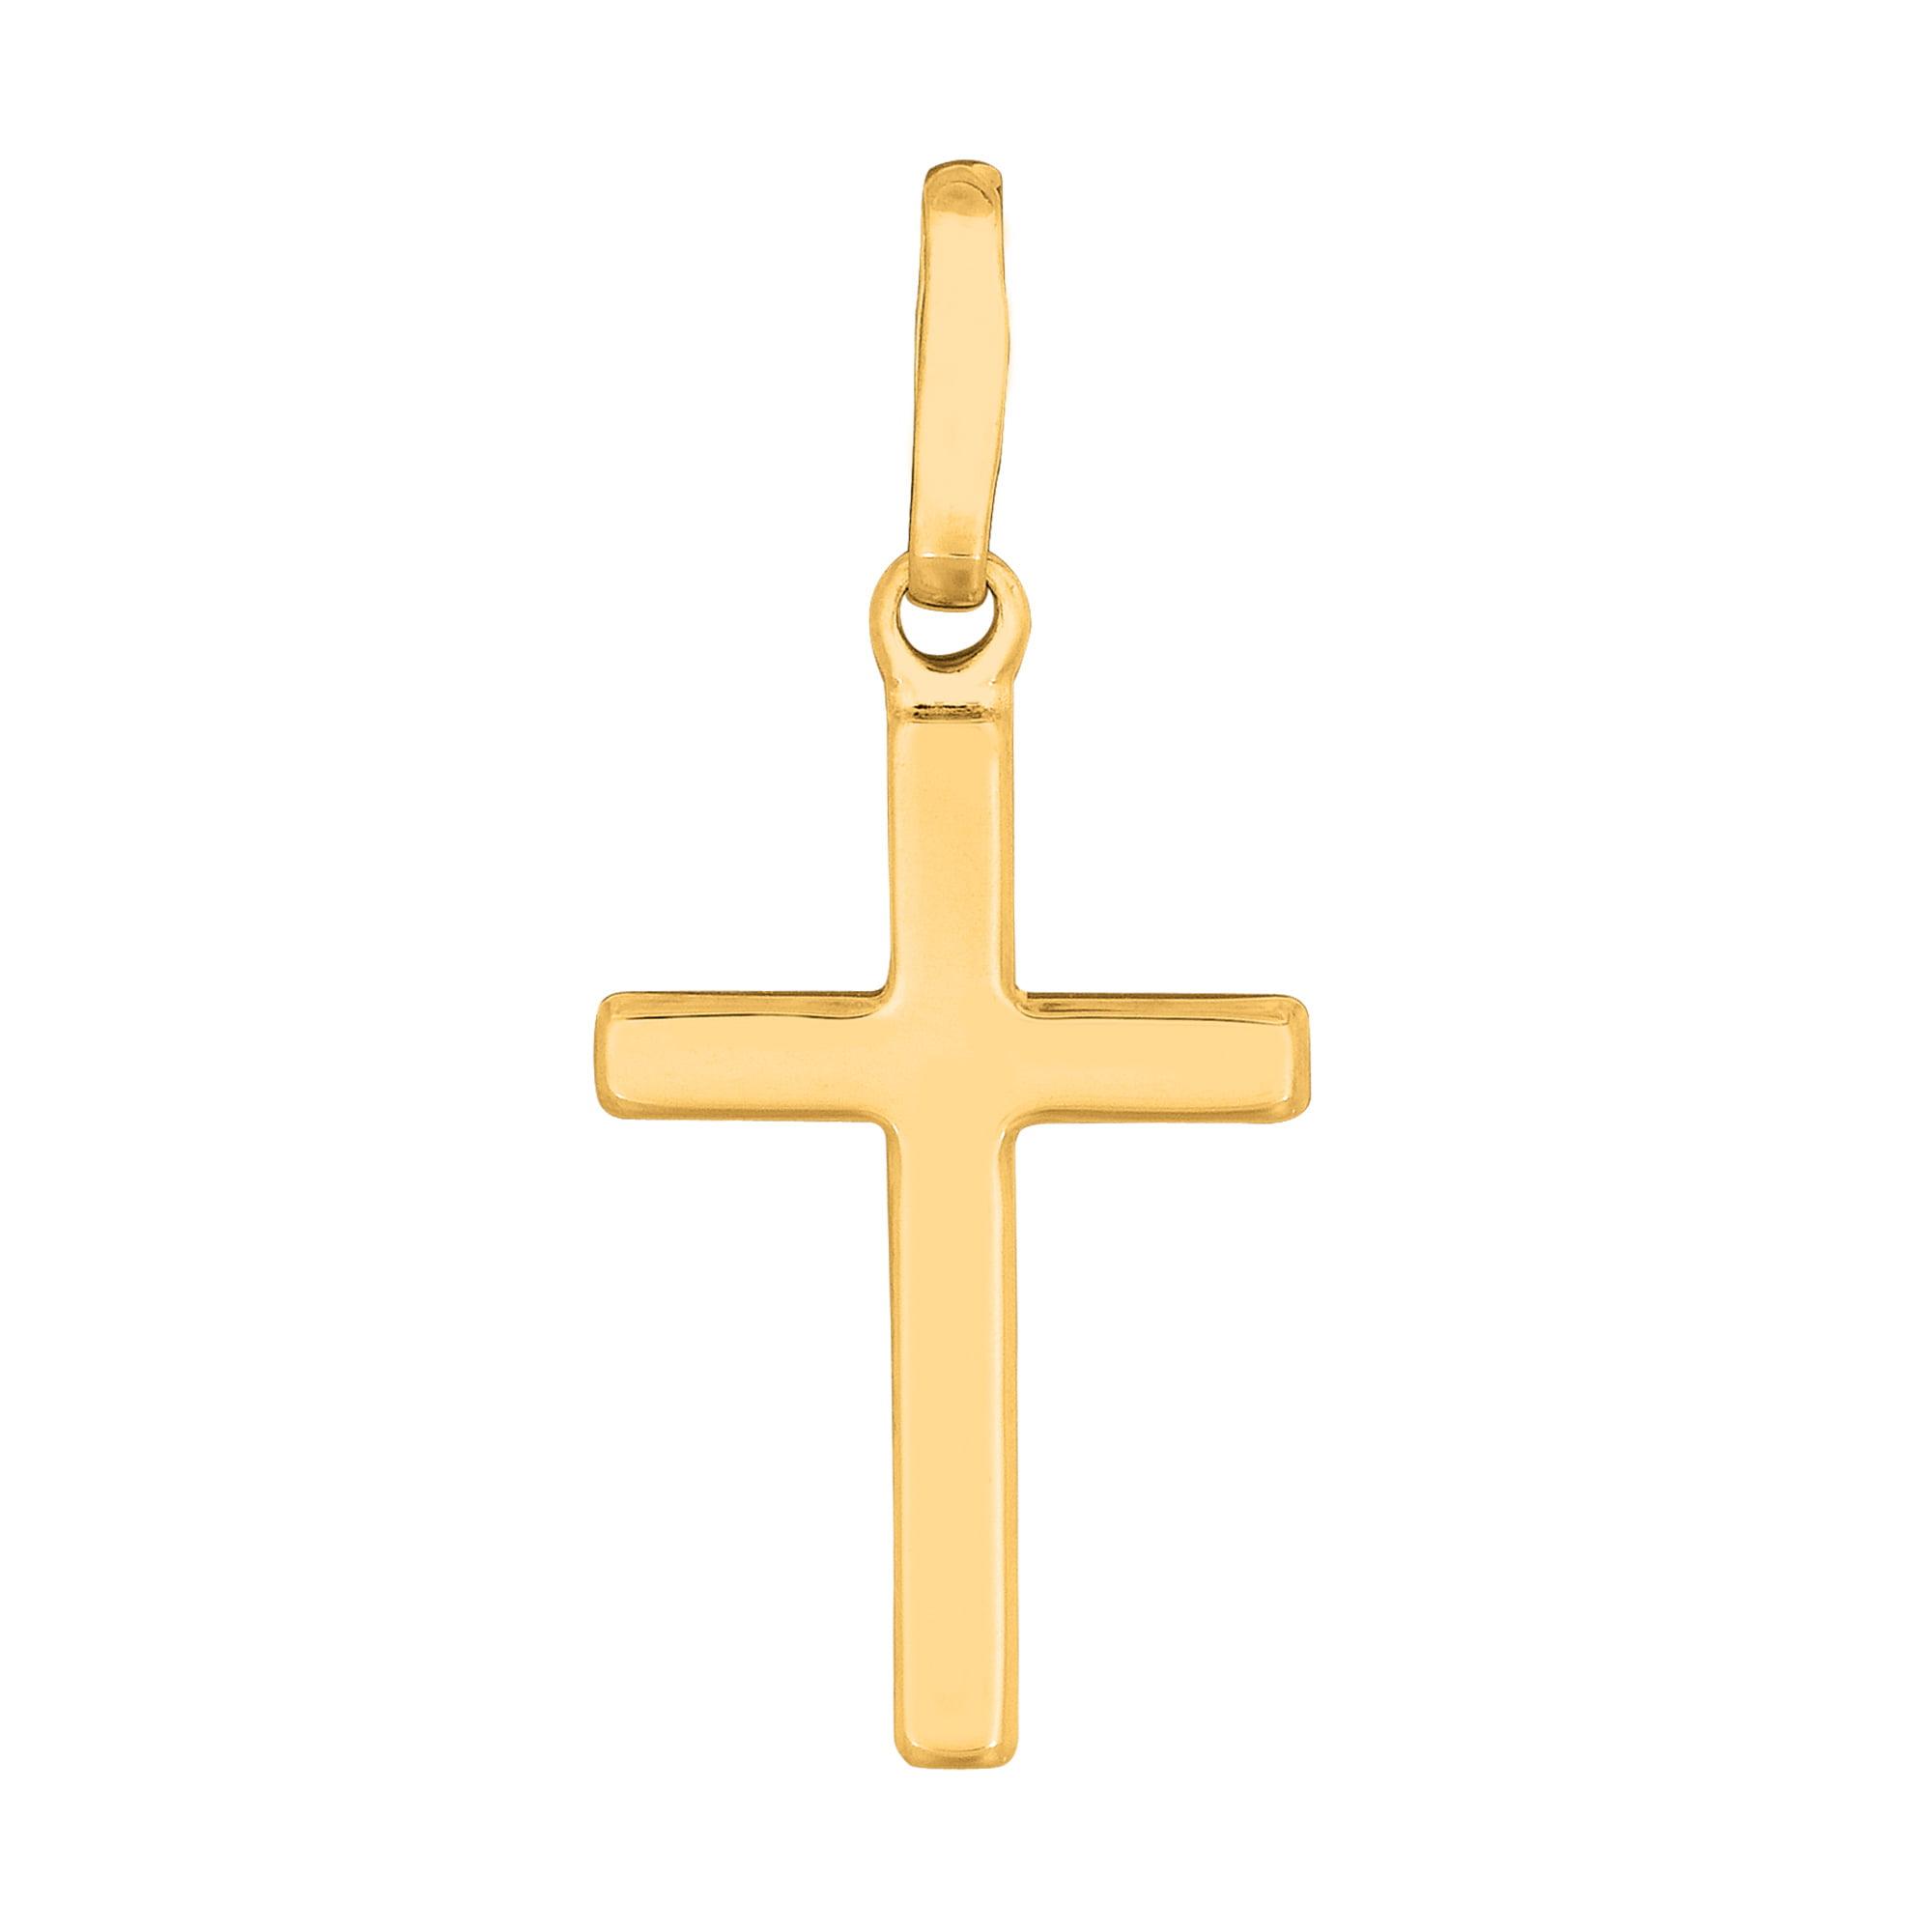 JewelryAffairs 14k Yellow Gold Shiny Square Flat Style Cross Pendant by JewelryAffairs